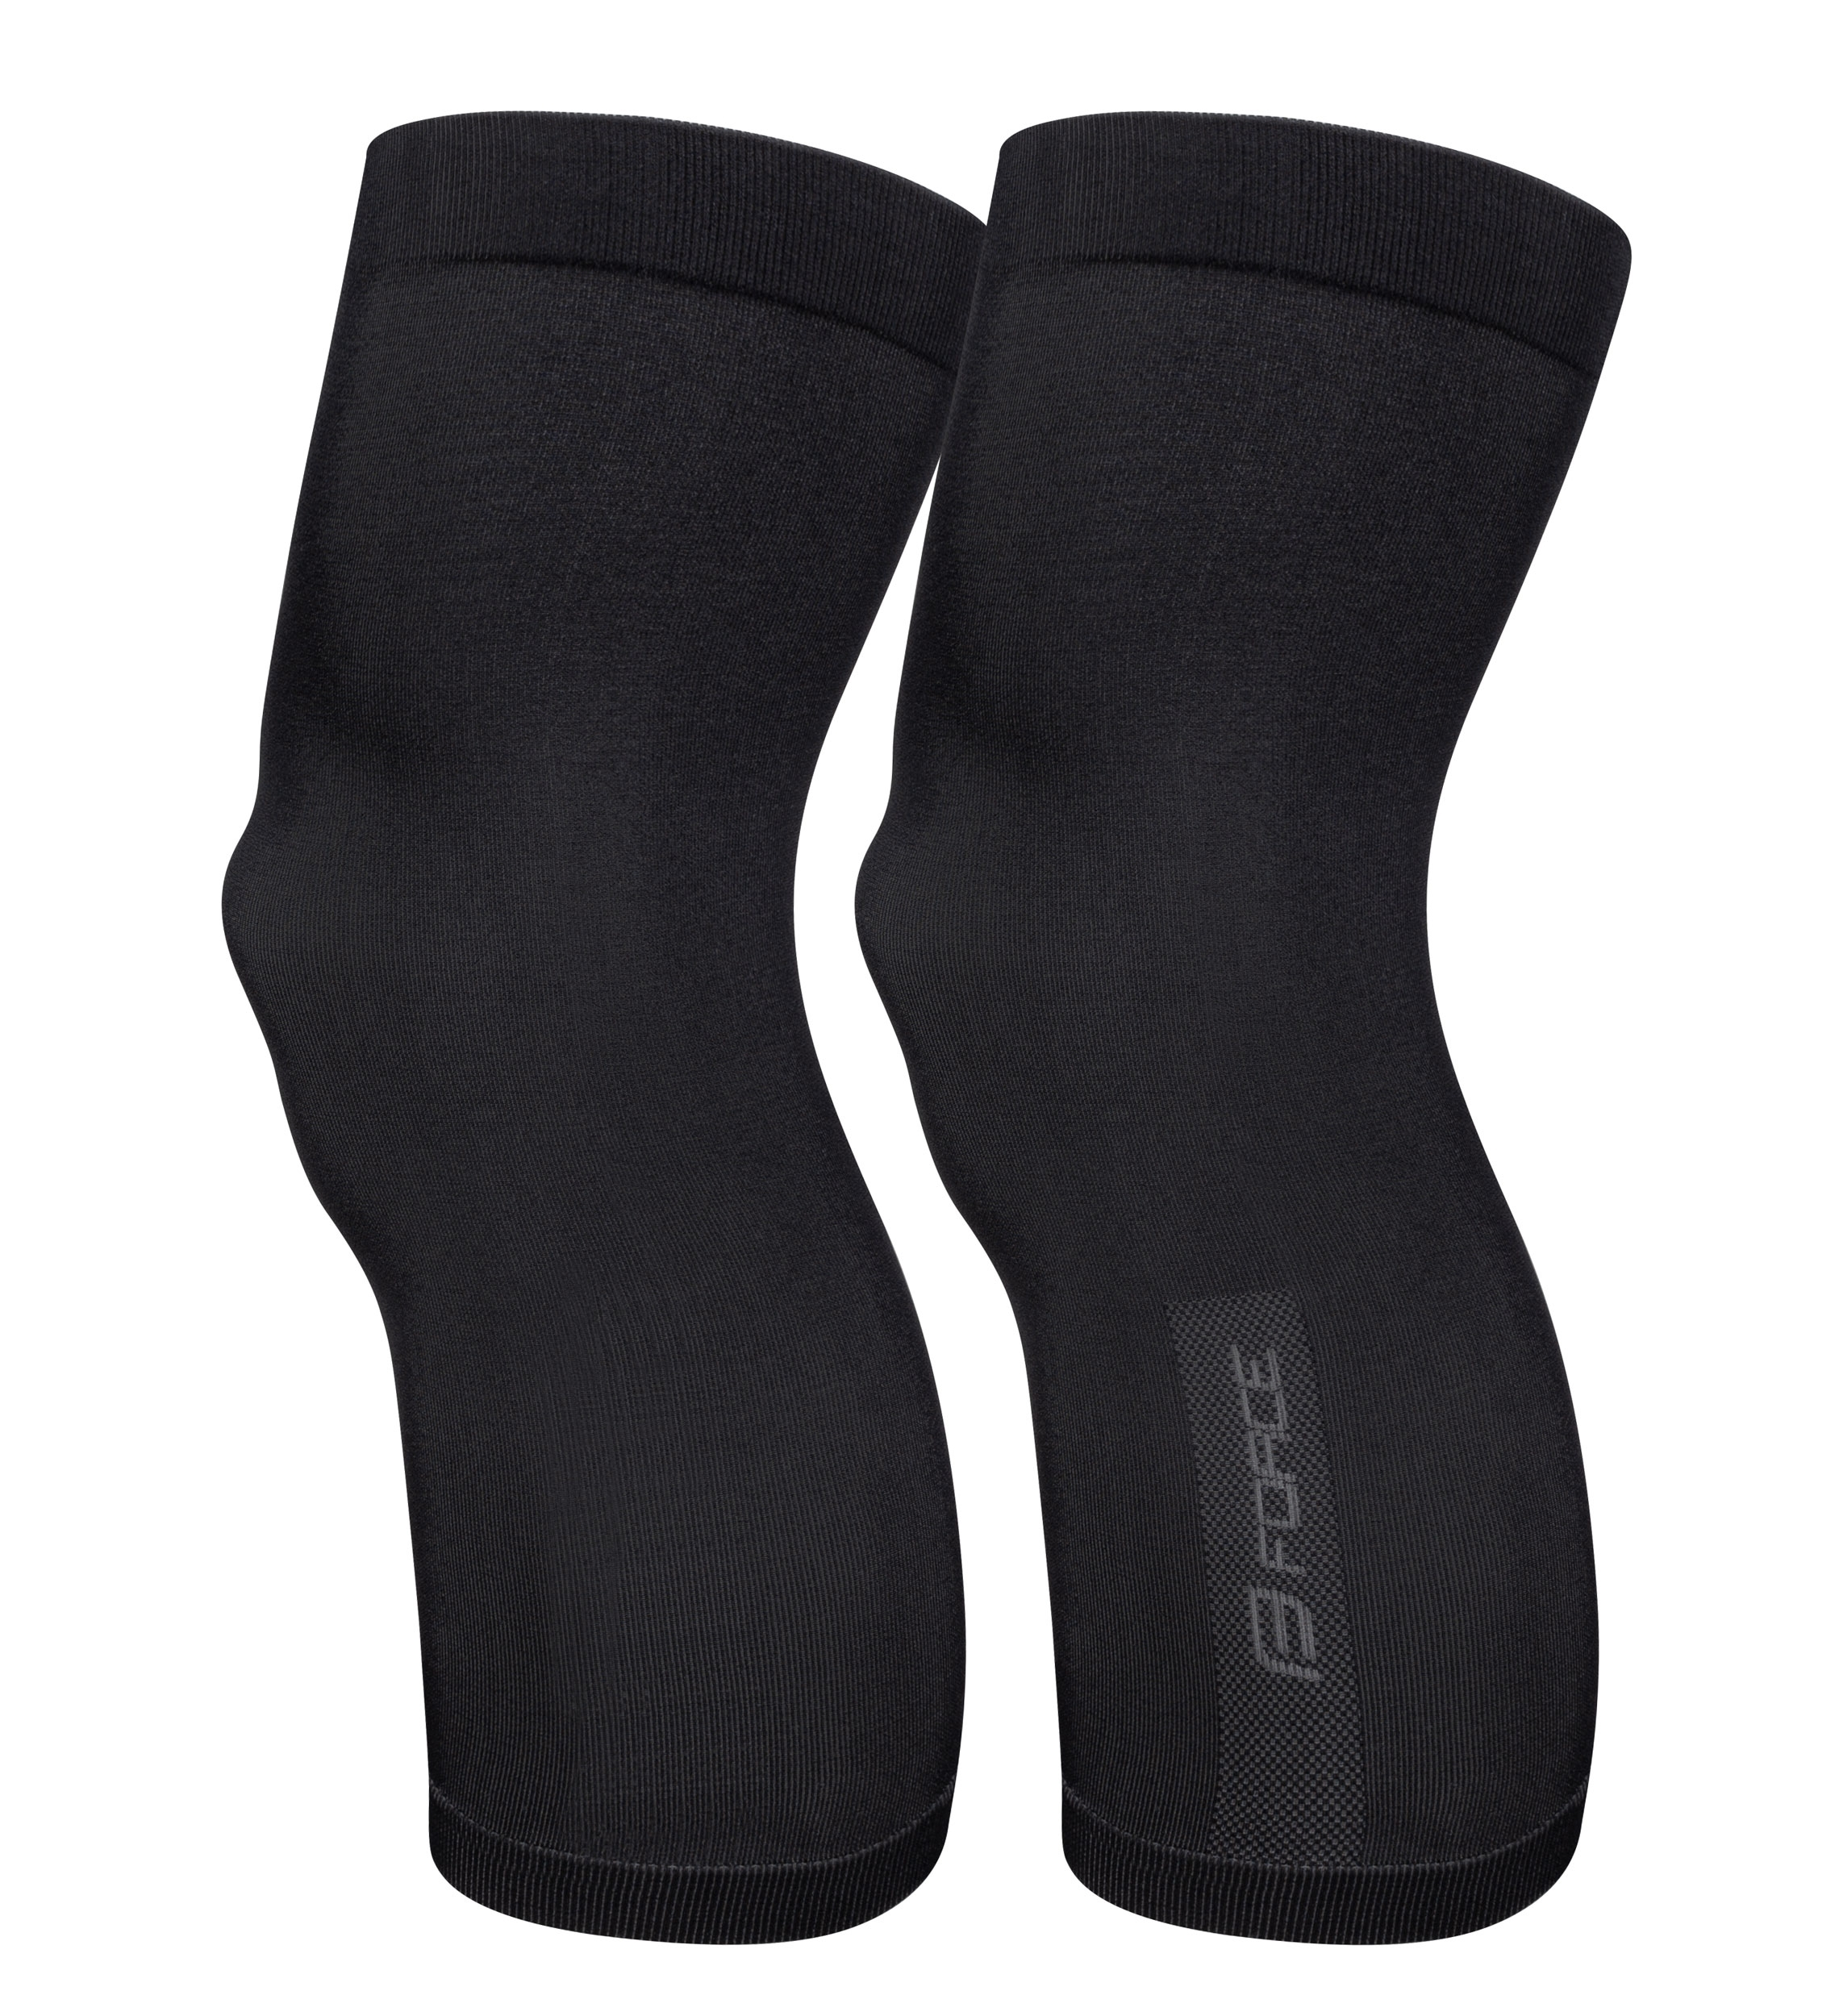 návleky na kolena F BREEZE pletené, černé